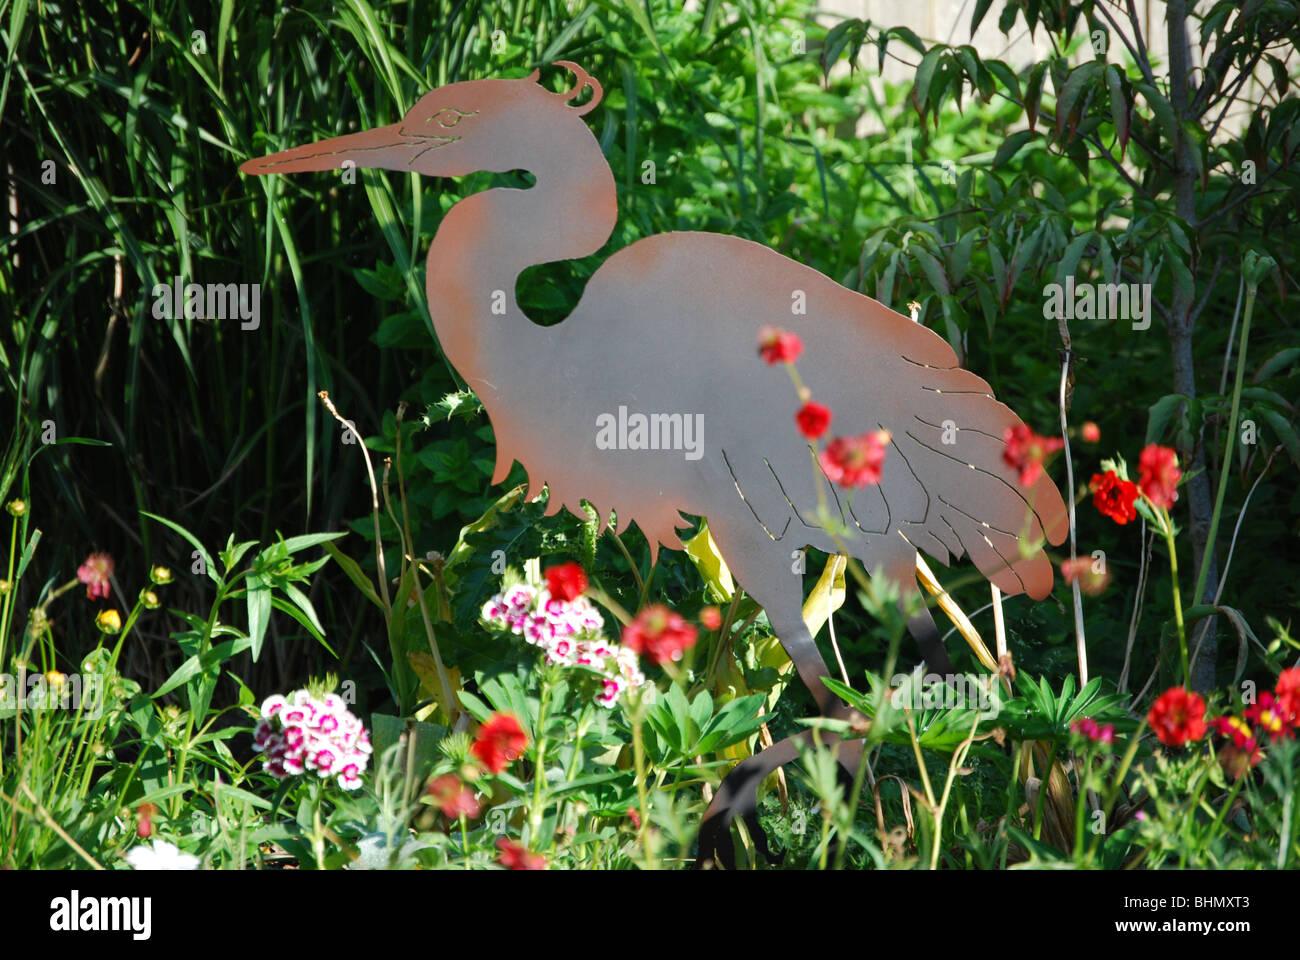 A Metal Garden Sculpture Of A Great Blue Heron In A Home Flower Garden.